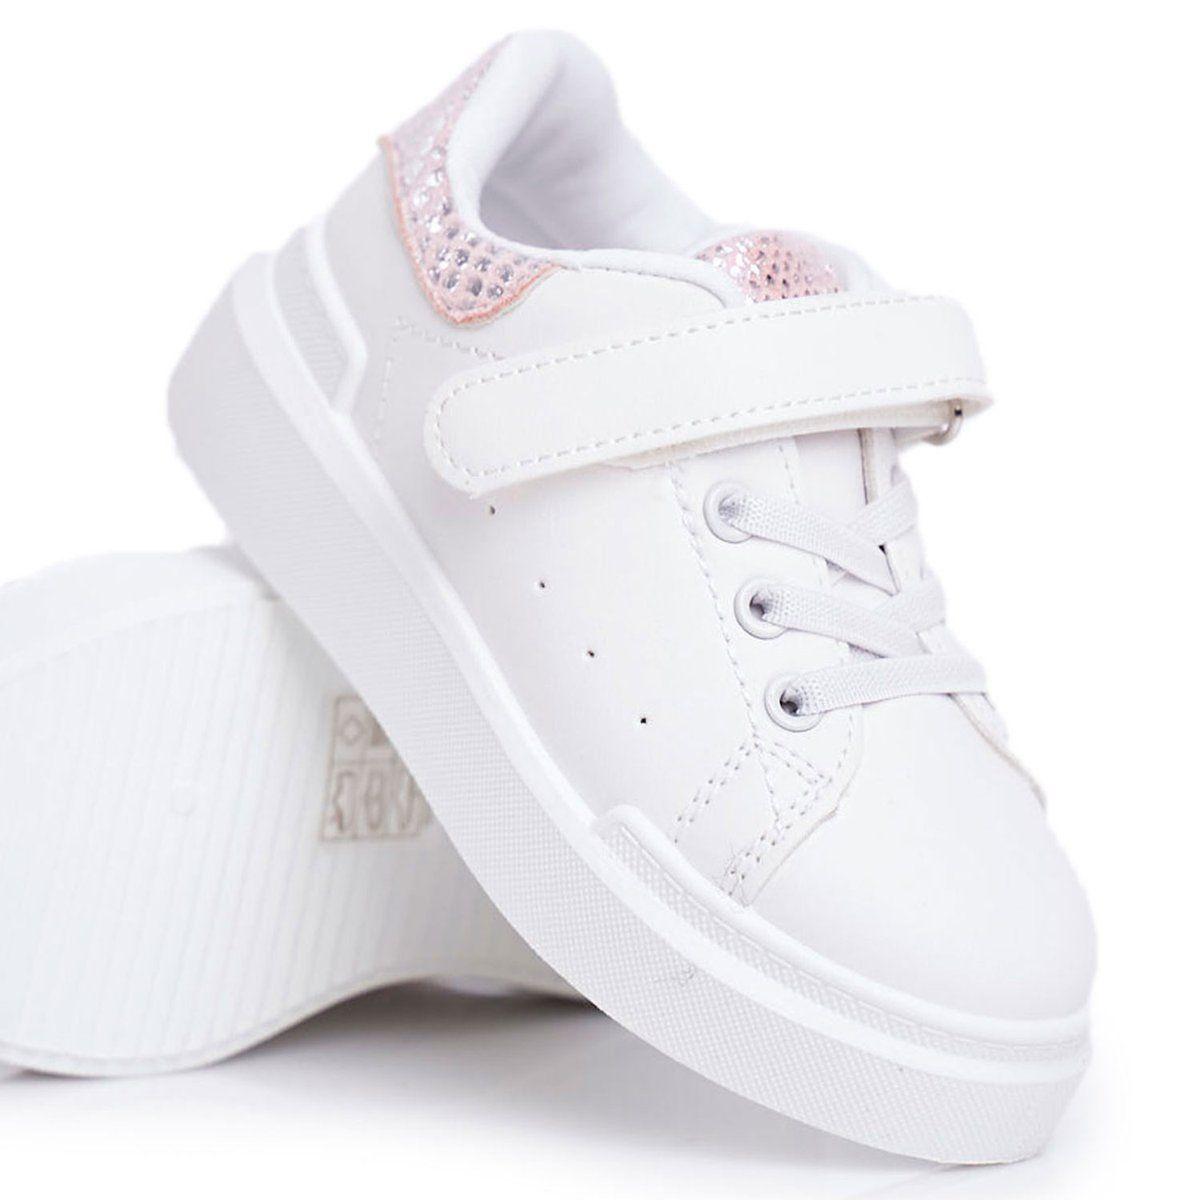 Frrock Obuwie Sportowe Dzieciece Na Rzep Biale Ilonka Rozowe Adidas Sneakers Adidas Stan Smith Sneakers